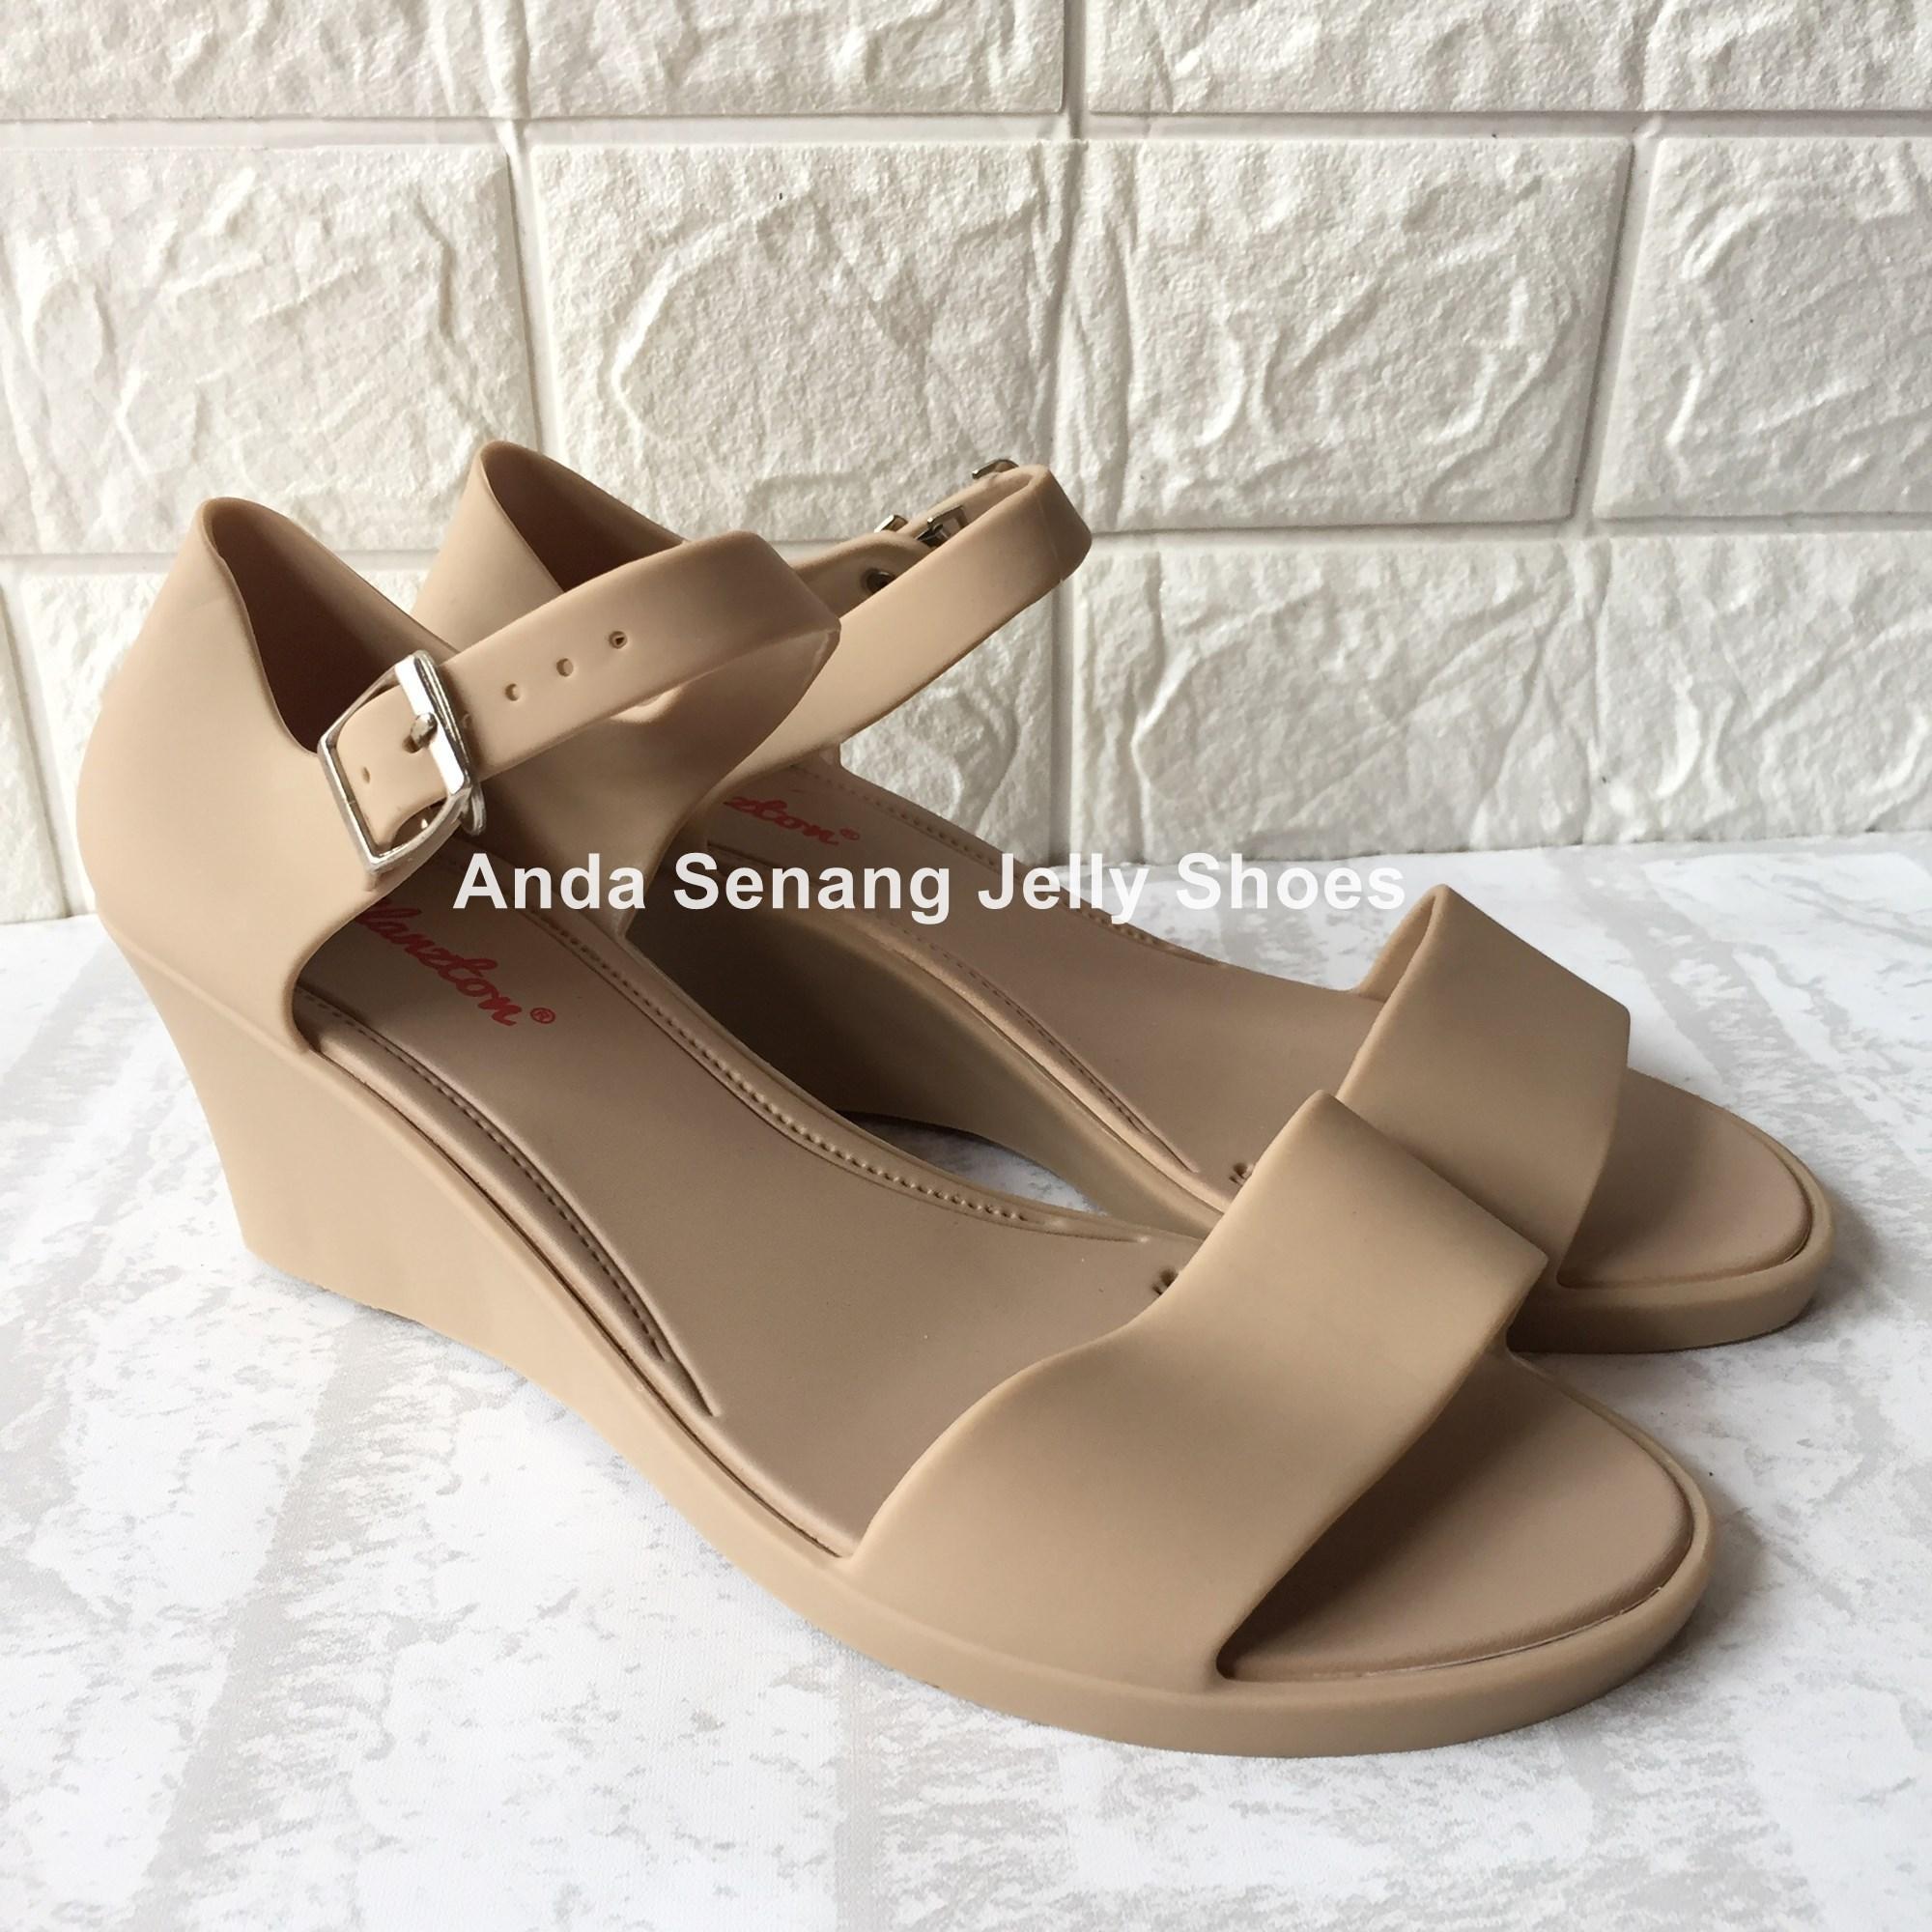 Sepatu Sandal Jelly Shoes Wedges Glanzton Kode L226PS - Sepatu Wanita Kerja